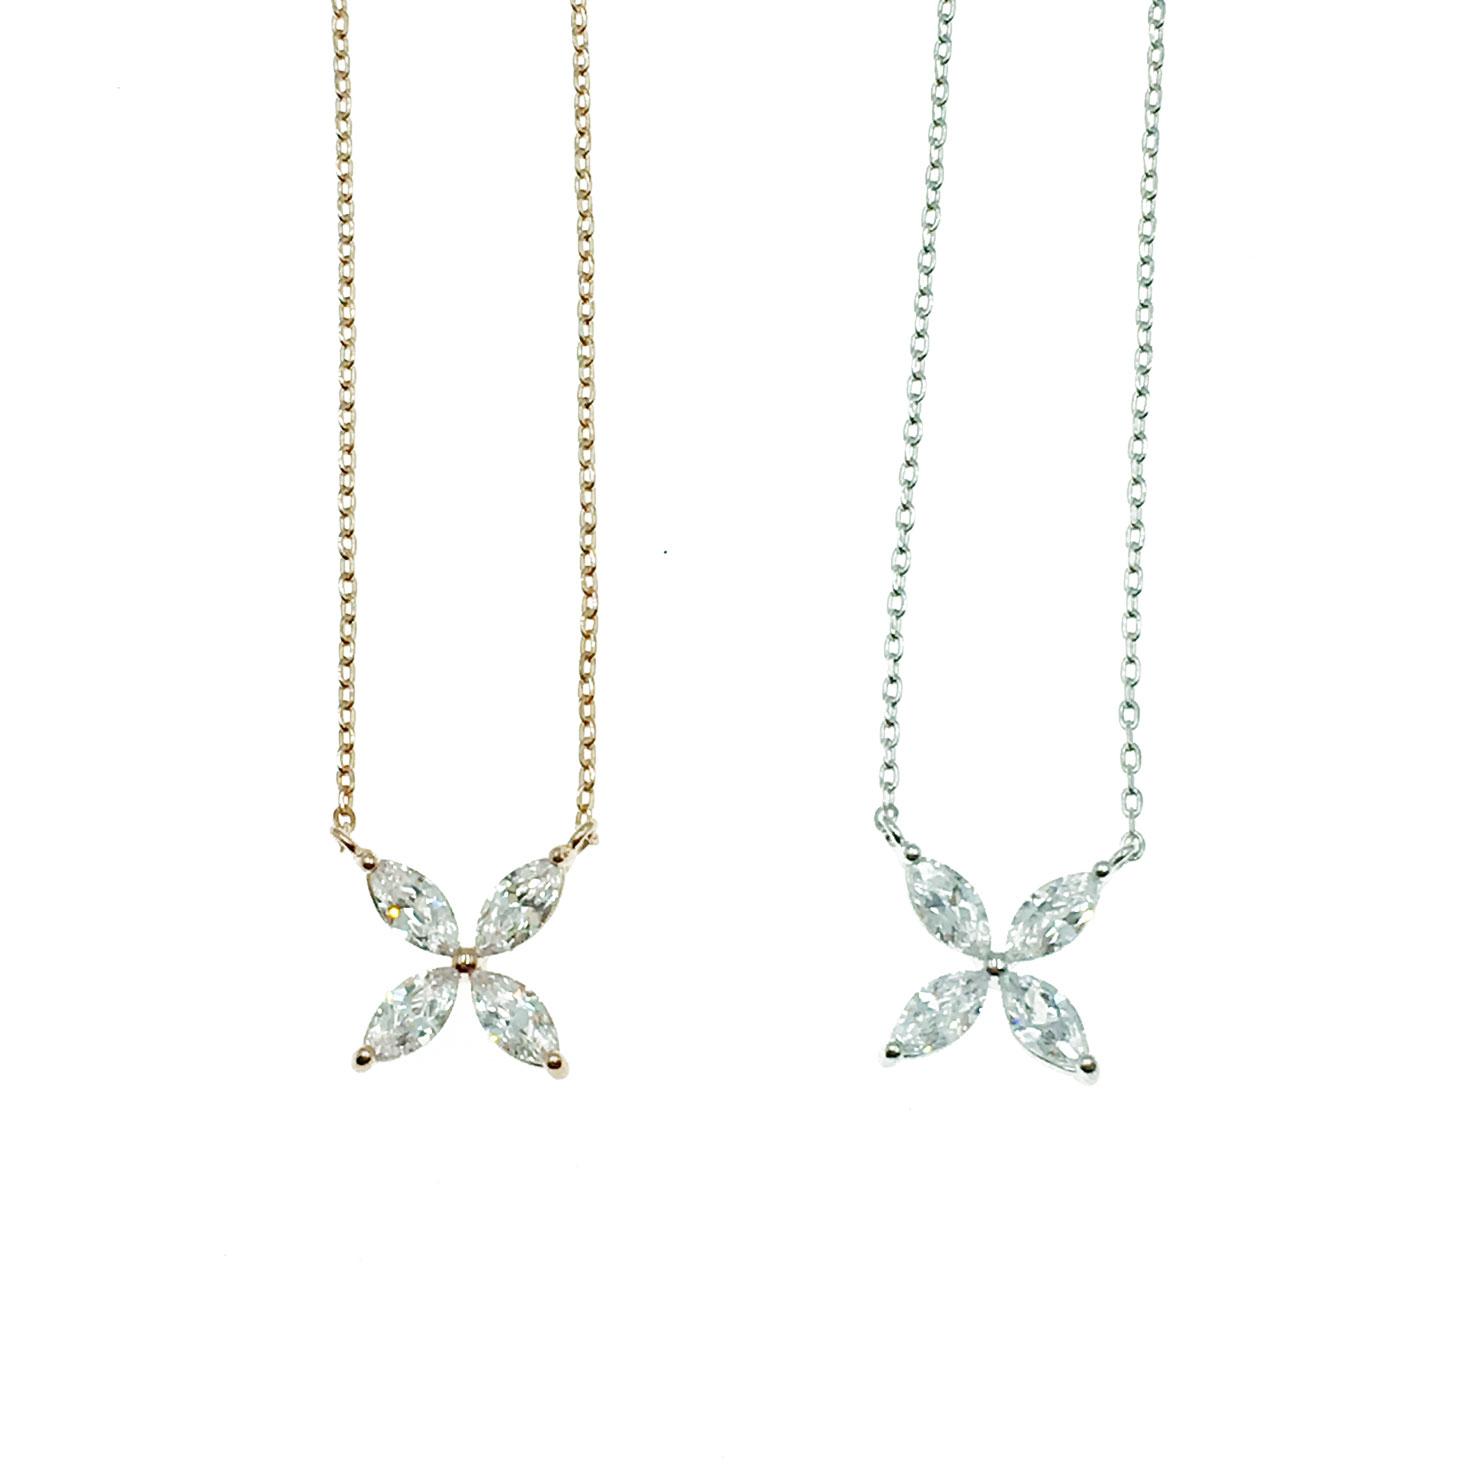 韓國 明星款 花 水鑽 兩色 鎖骨練 項鍊